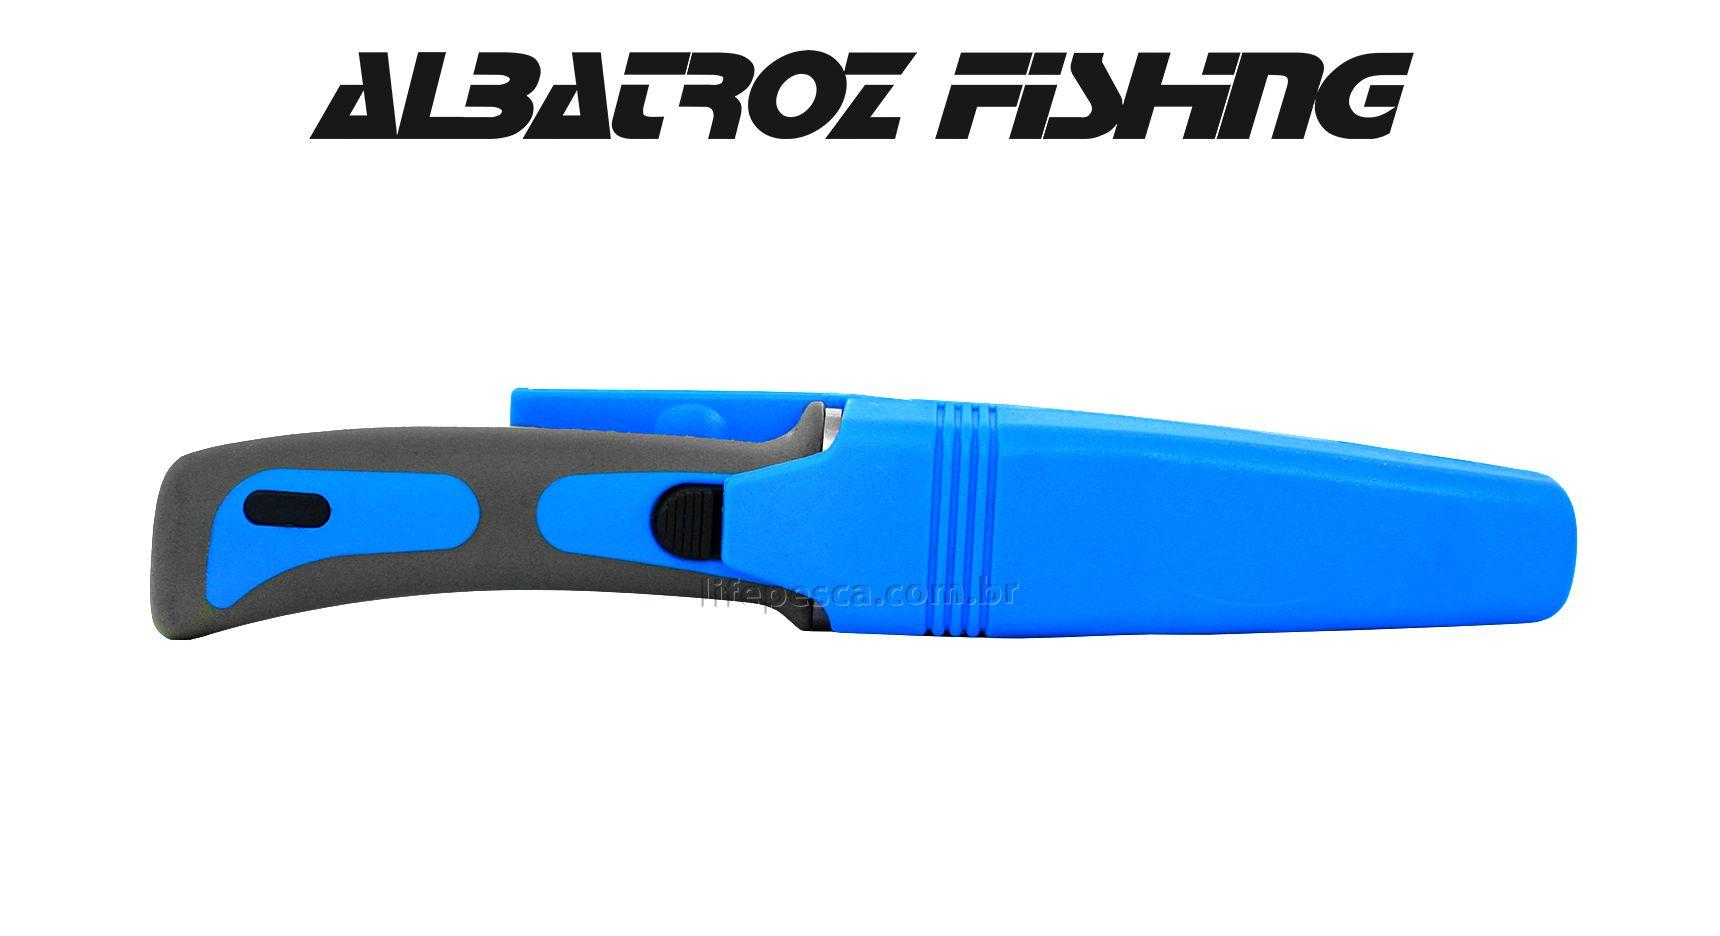 Faca De Mergulho QS-209 Albatroz Fishing - Cabo Emborrachado  - Life Pesca - Sua loja de Pesca, Camping e Lazer